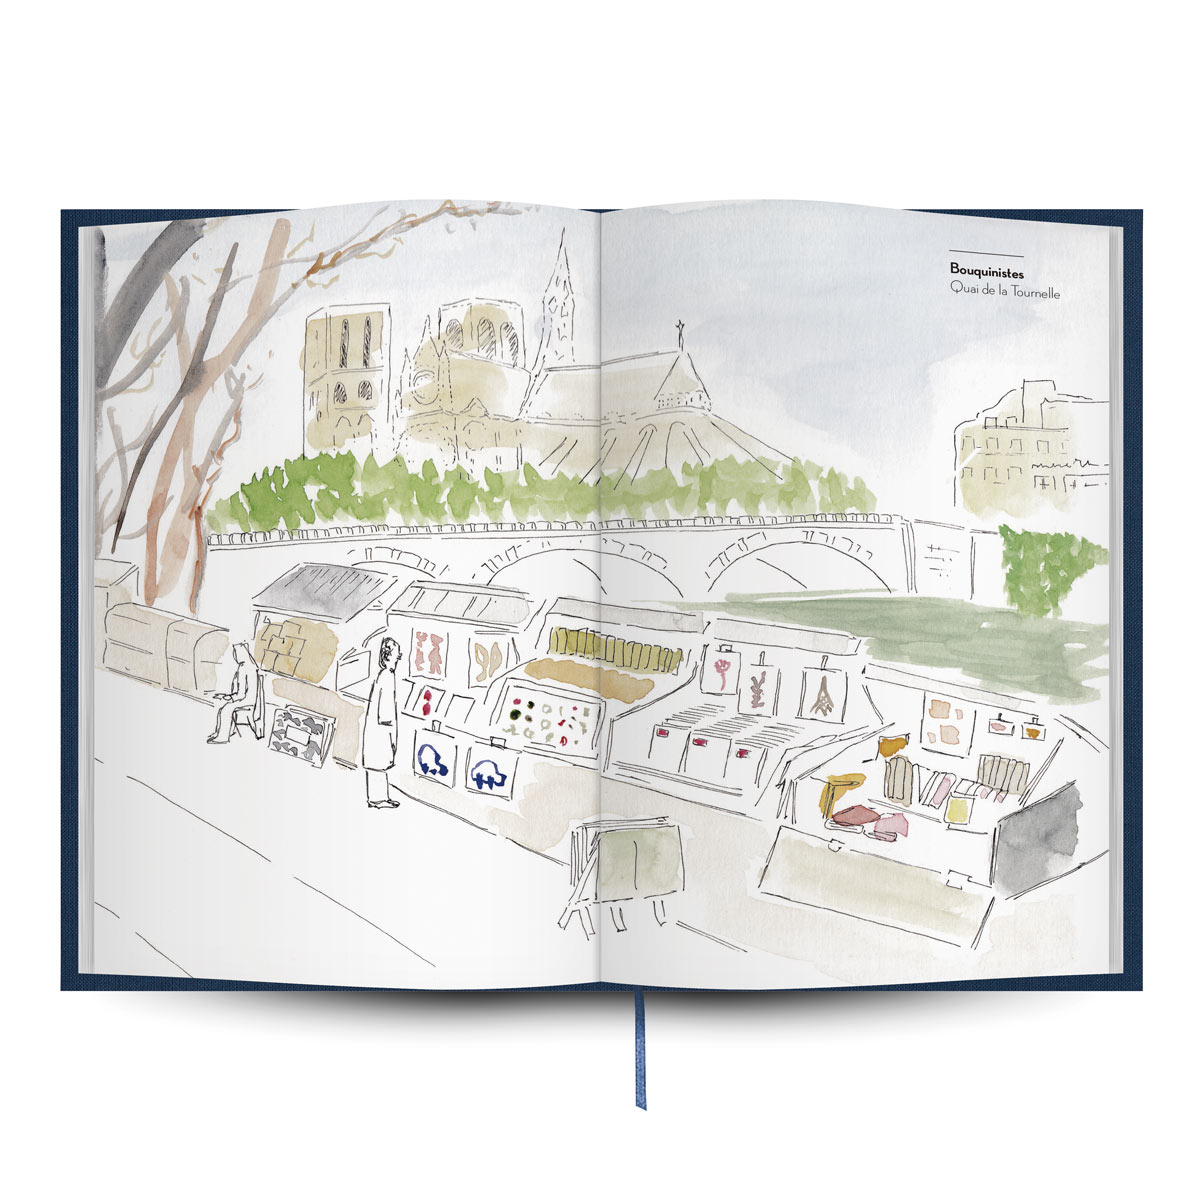 Libro de viajes a París de la editorial Tintablanca